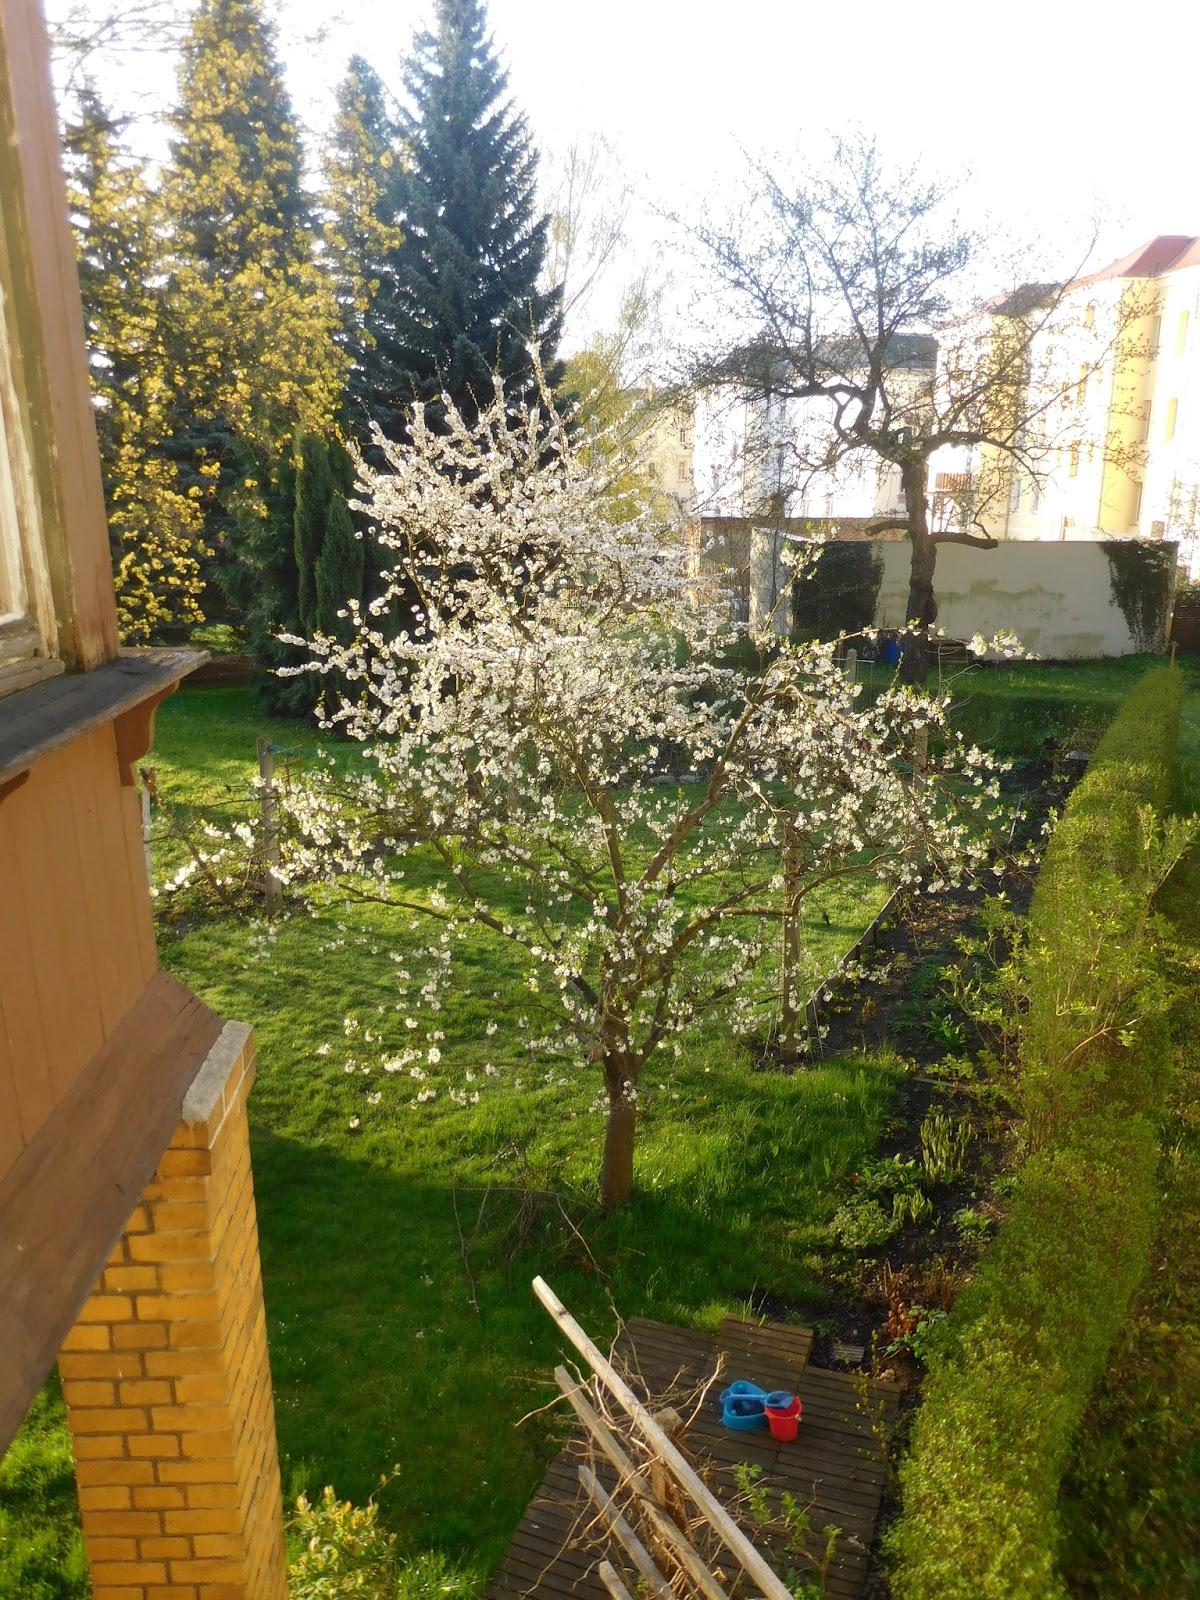 Villa türmchen: kirschblüte und seifenblasen